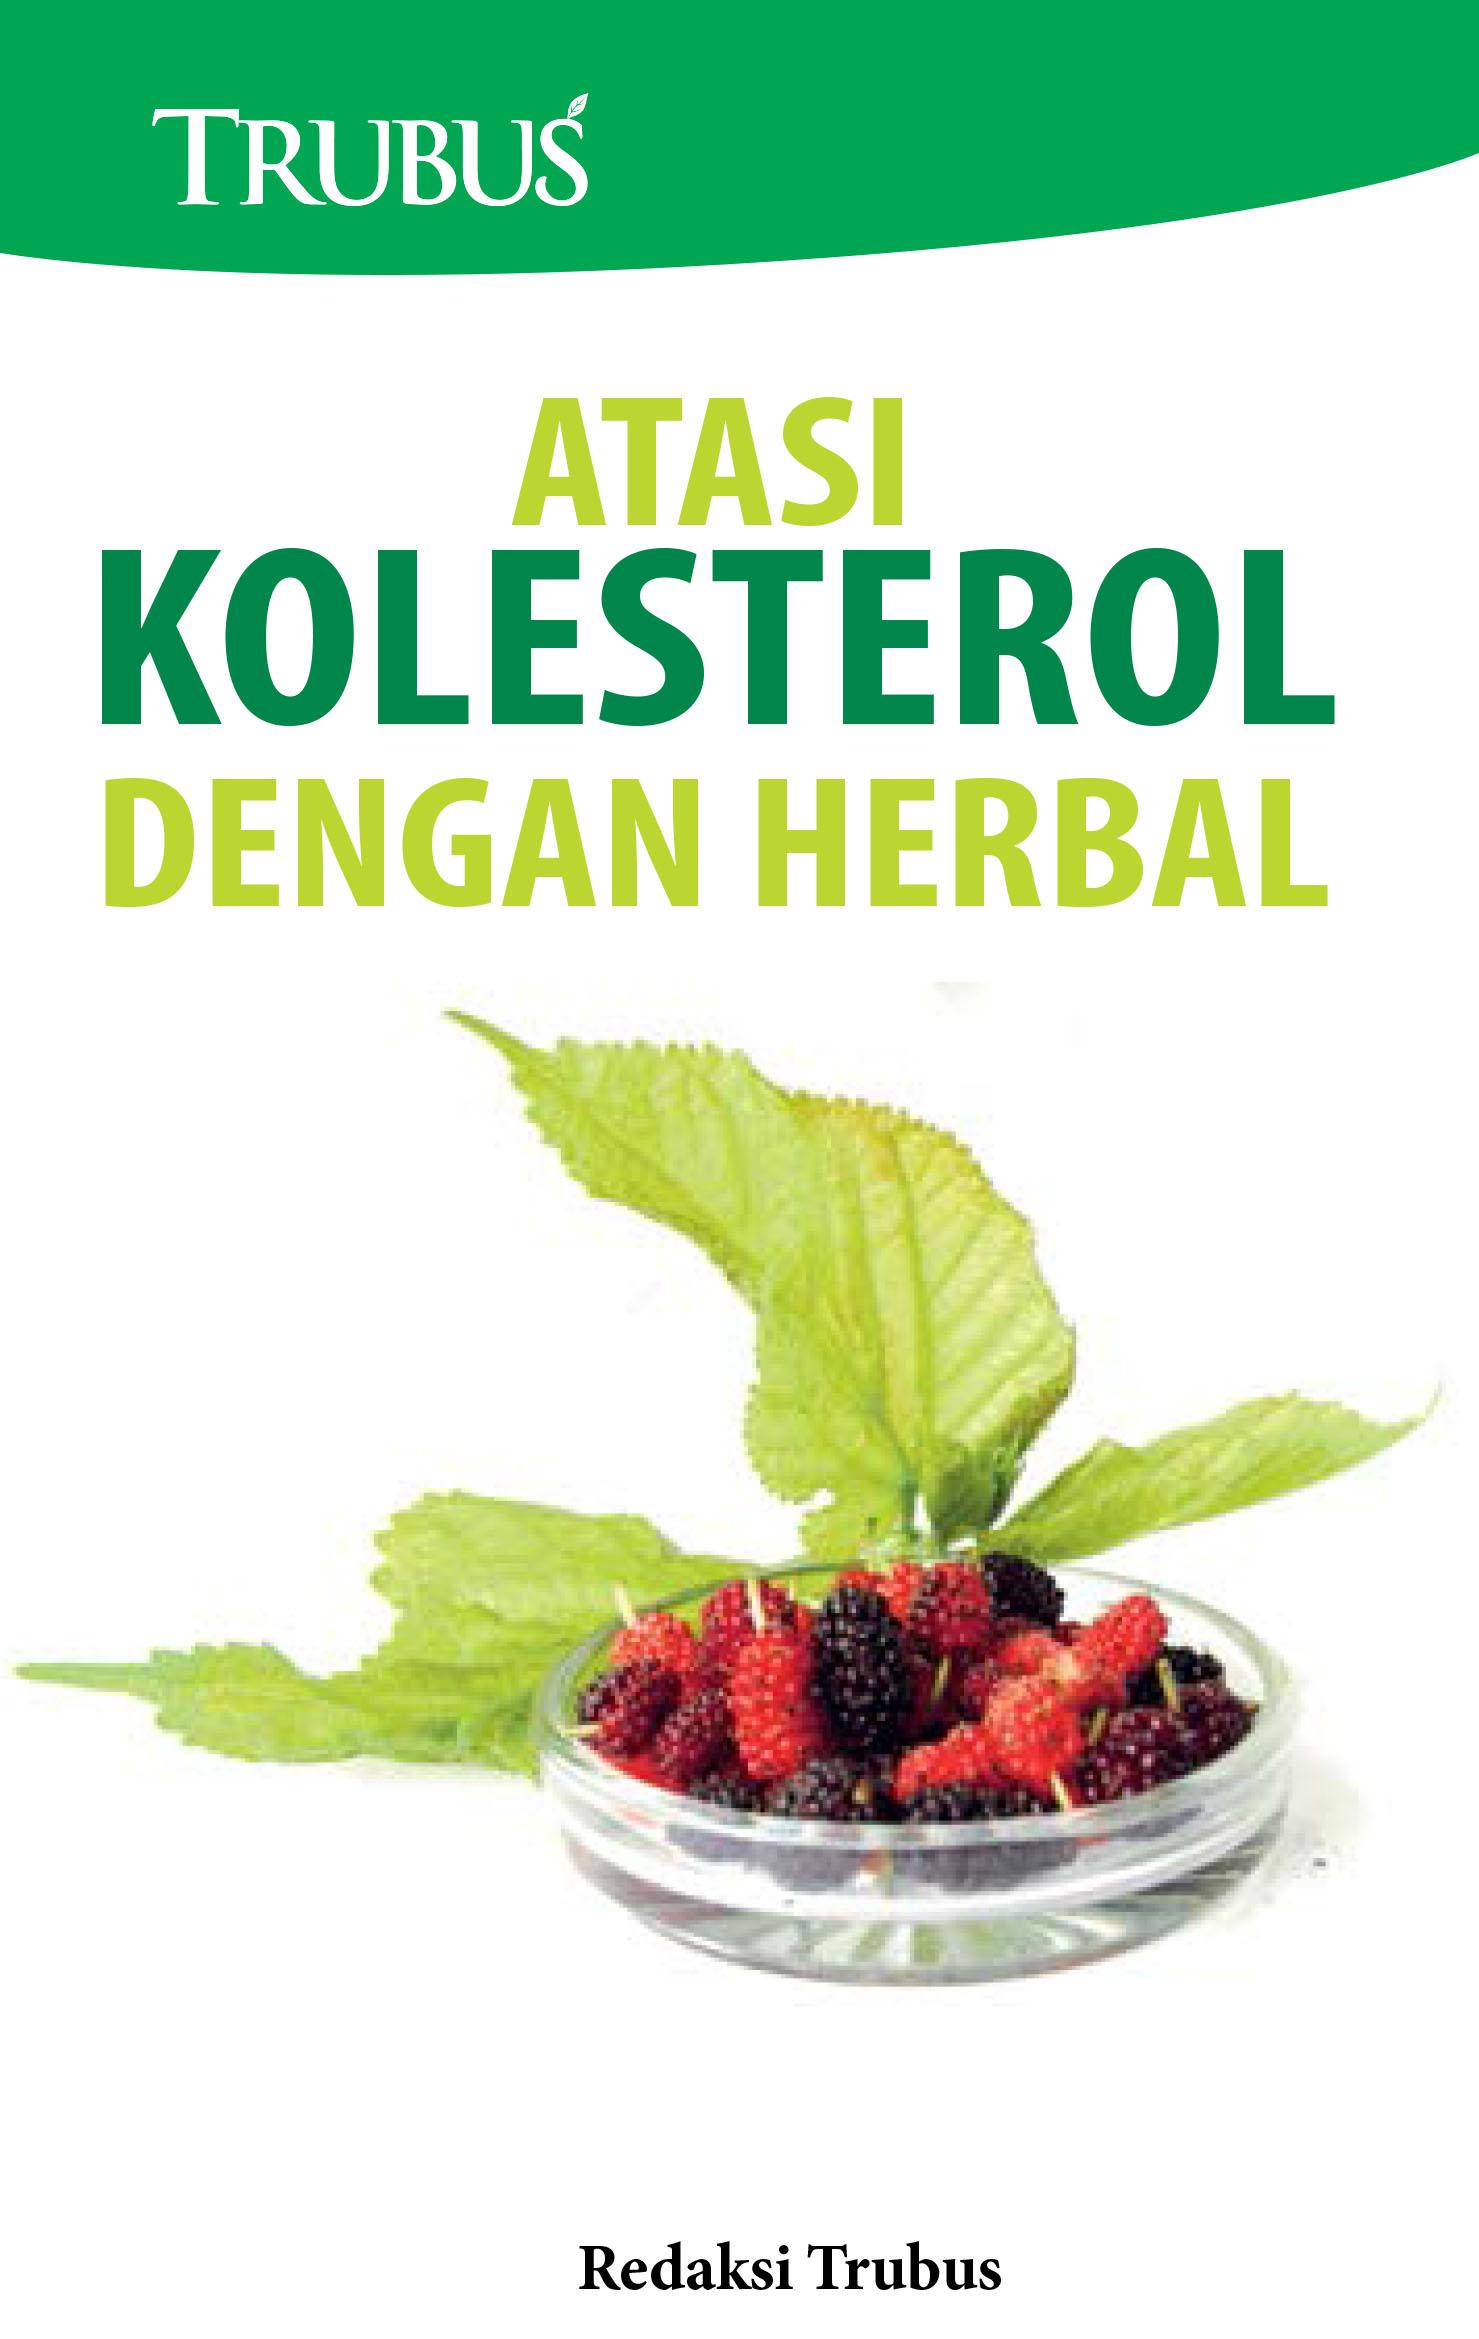 Atasi kolesterol dengan herbal [sumber elektronis]